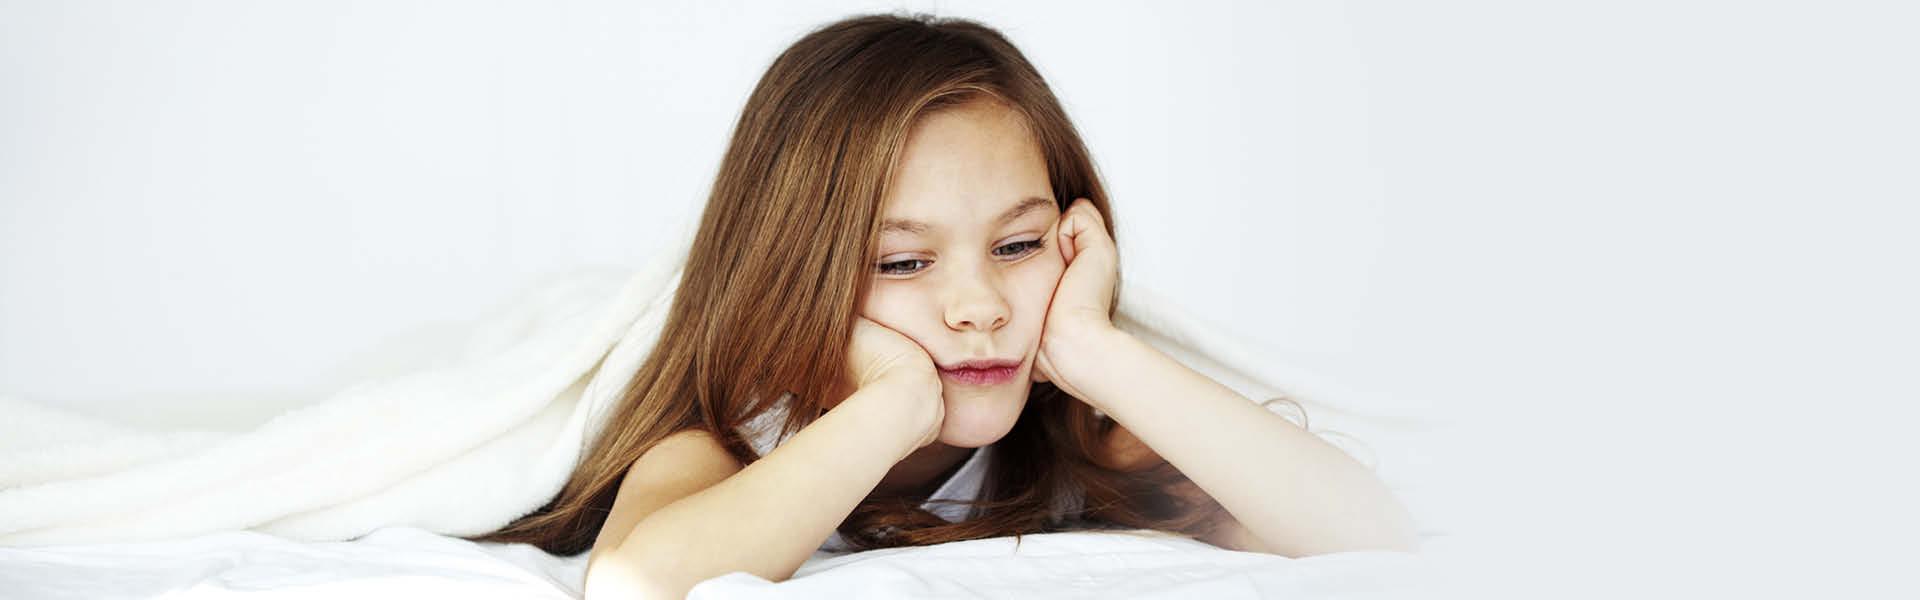 stabilisering af svært traumatiserede børn